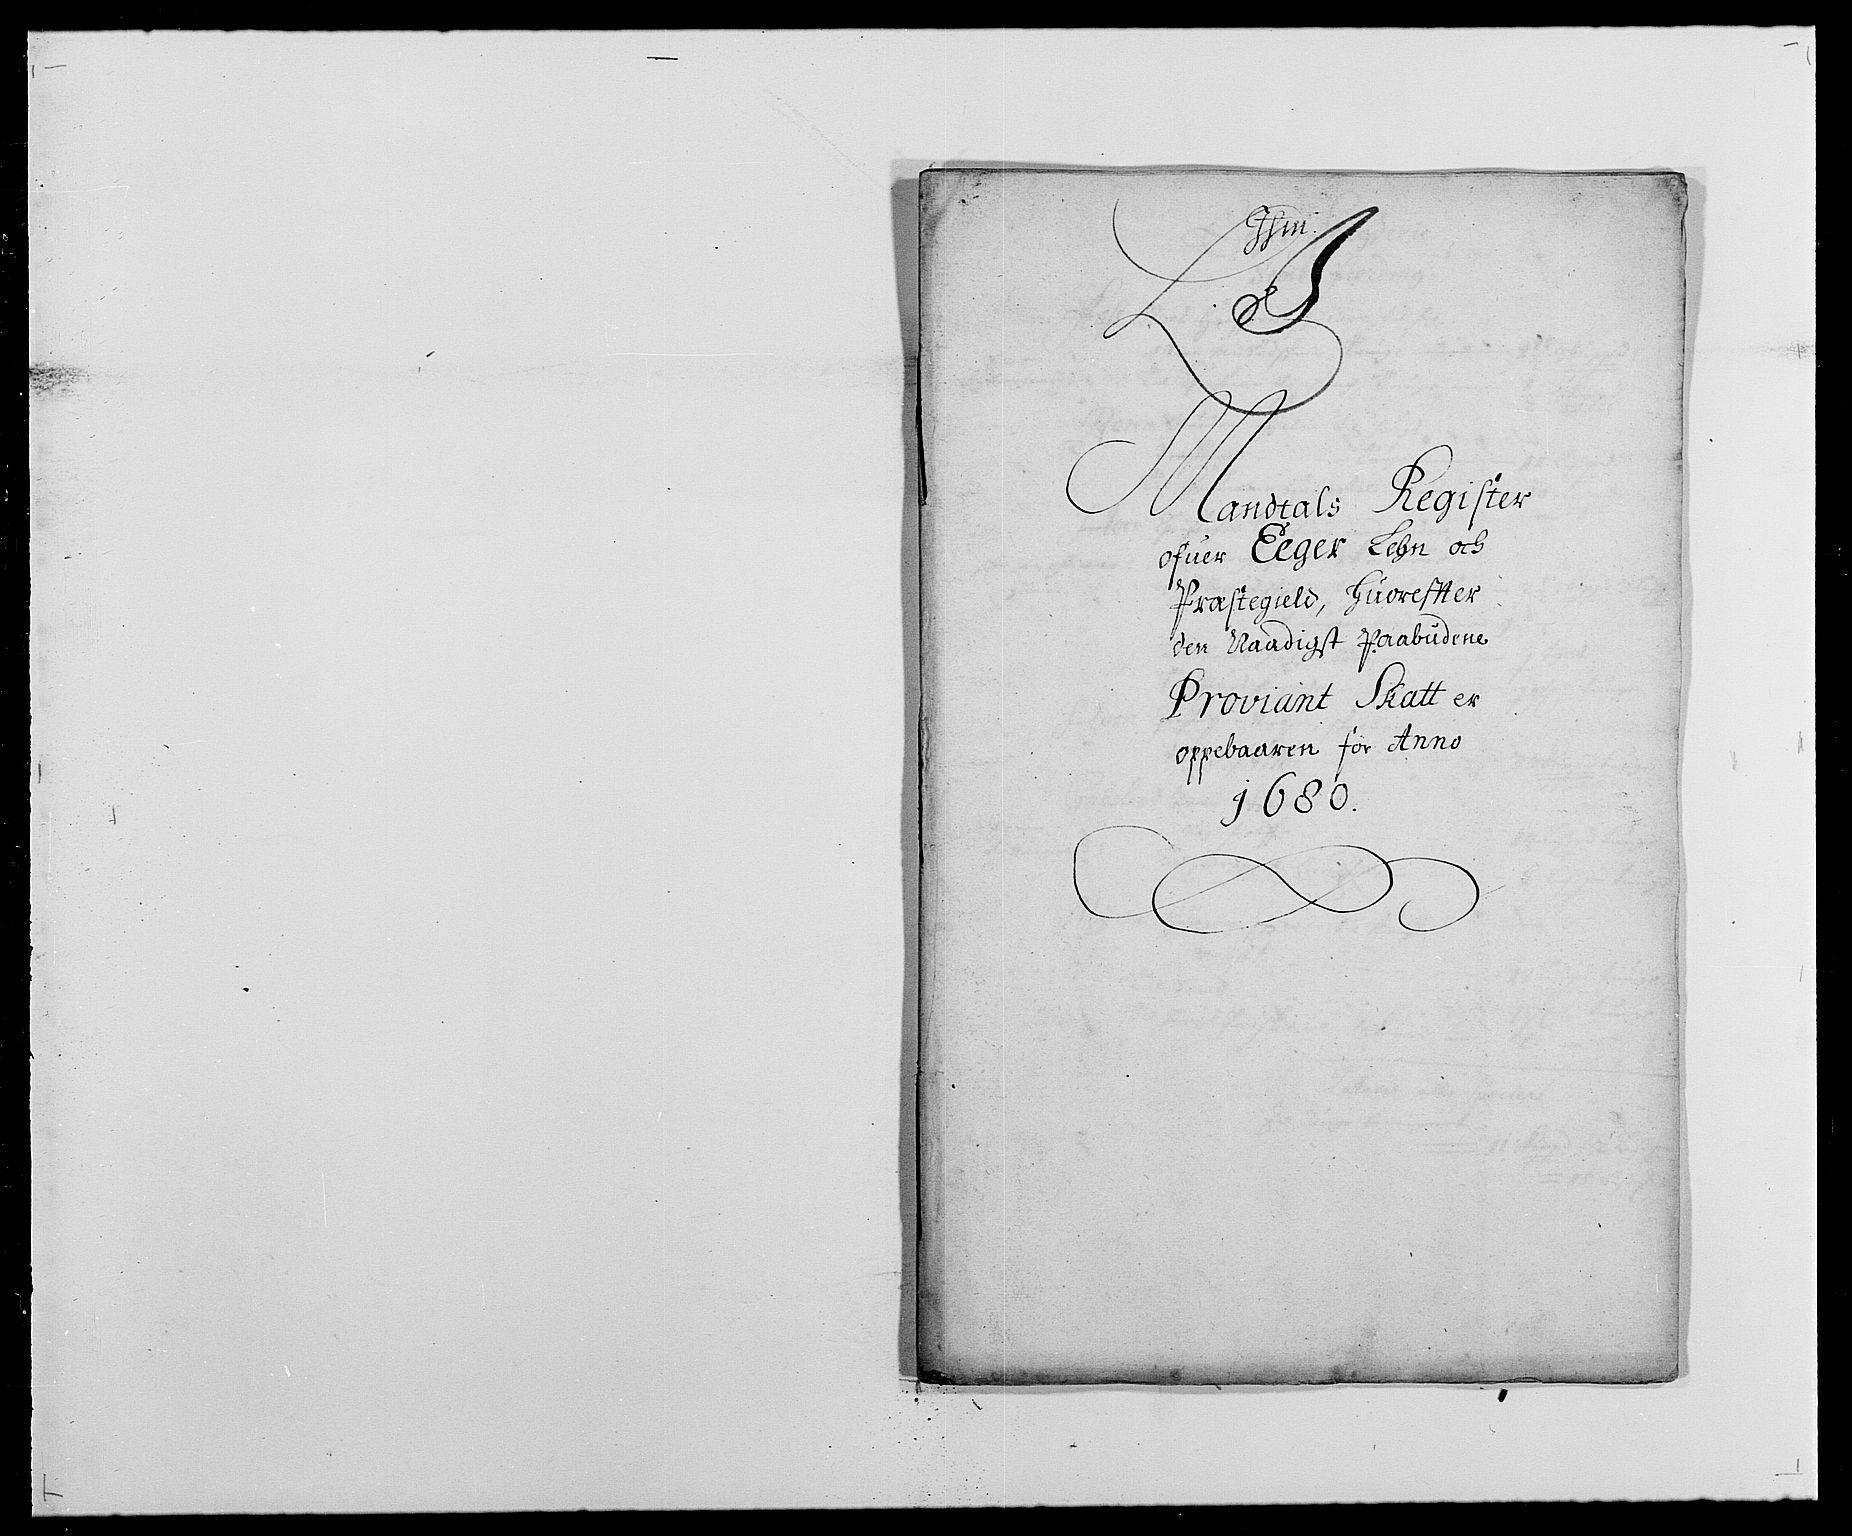 RA, Rentekammeret inntil 1814, Reviderte regnskaper, Fogderegnskap, R26/L1684: Fogderegnskap Eiker, 1679-1686, s. 134